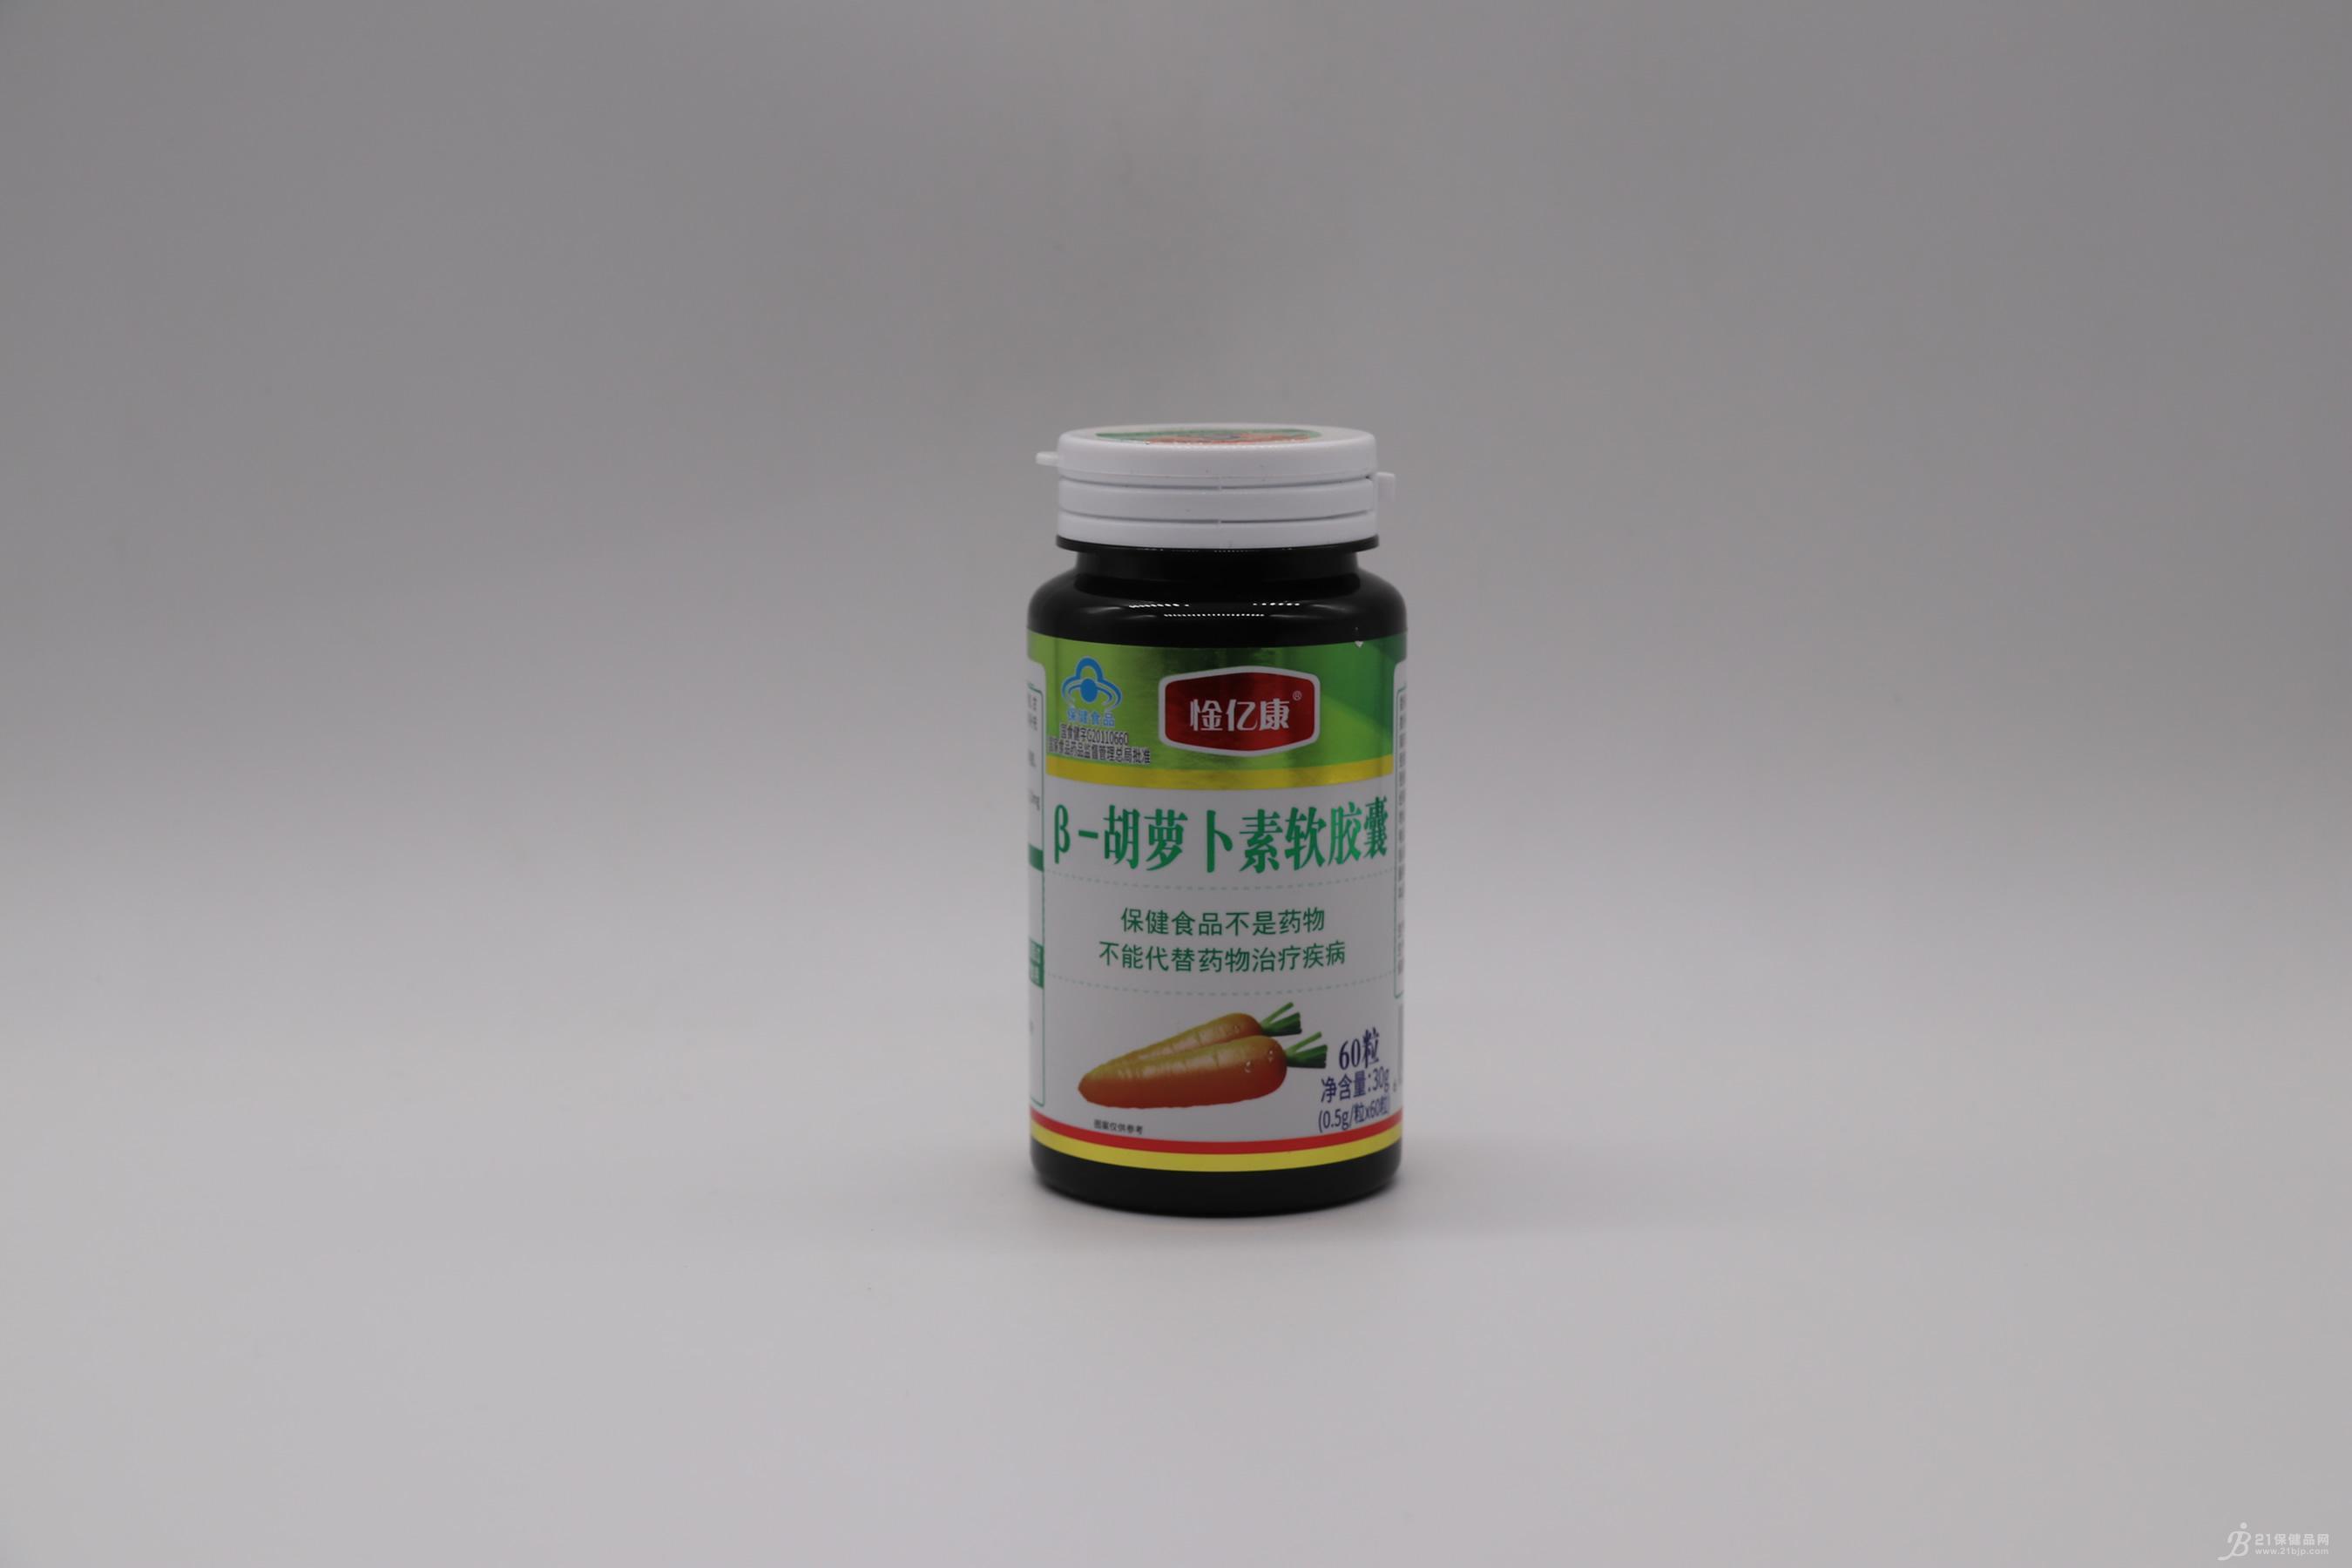 金亿康β-胡萝卜素软胶囊    500mg*60粒/瓶招商